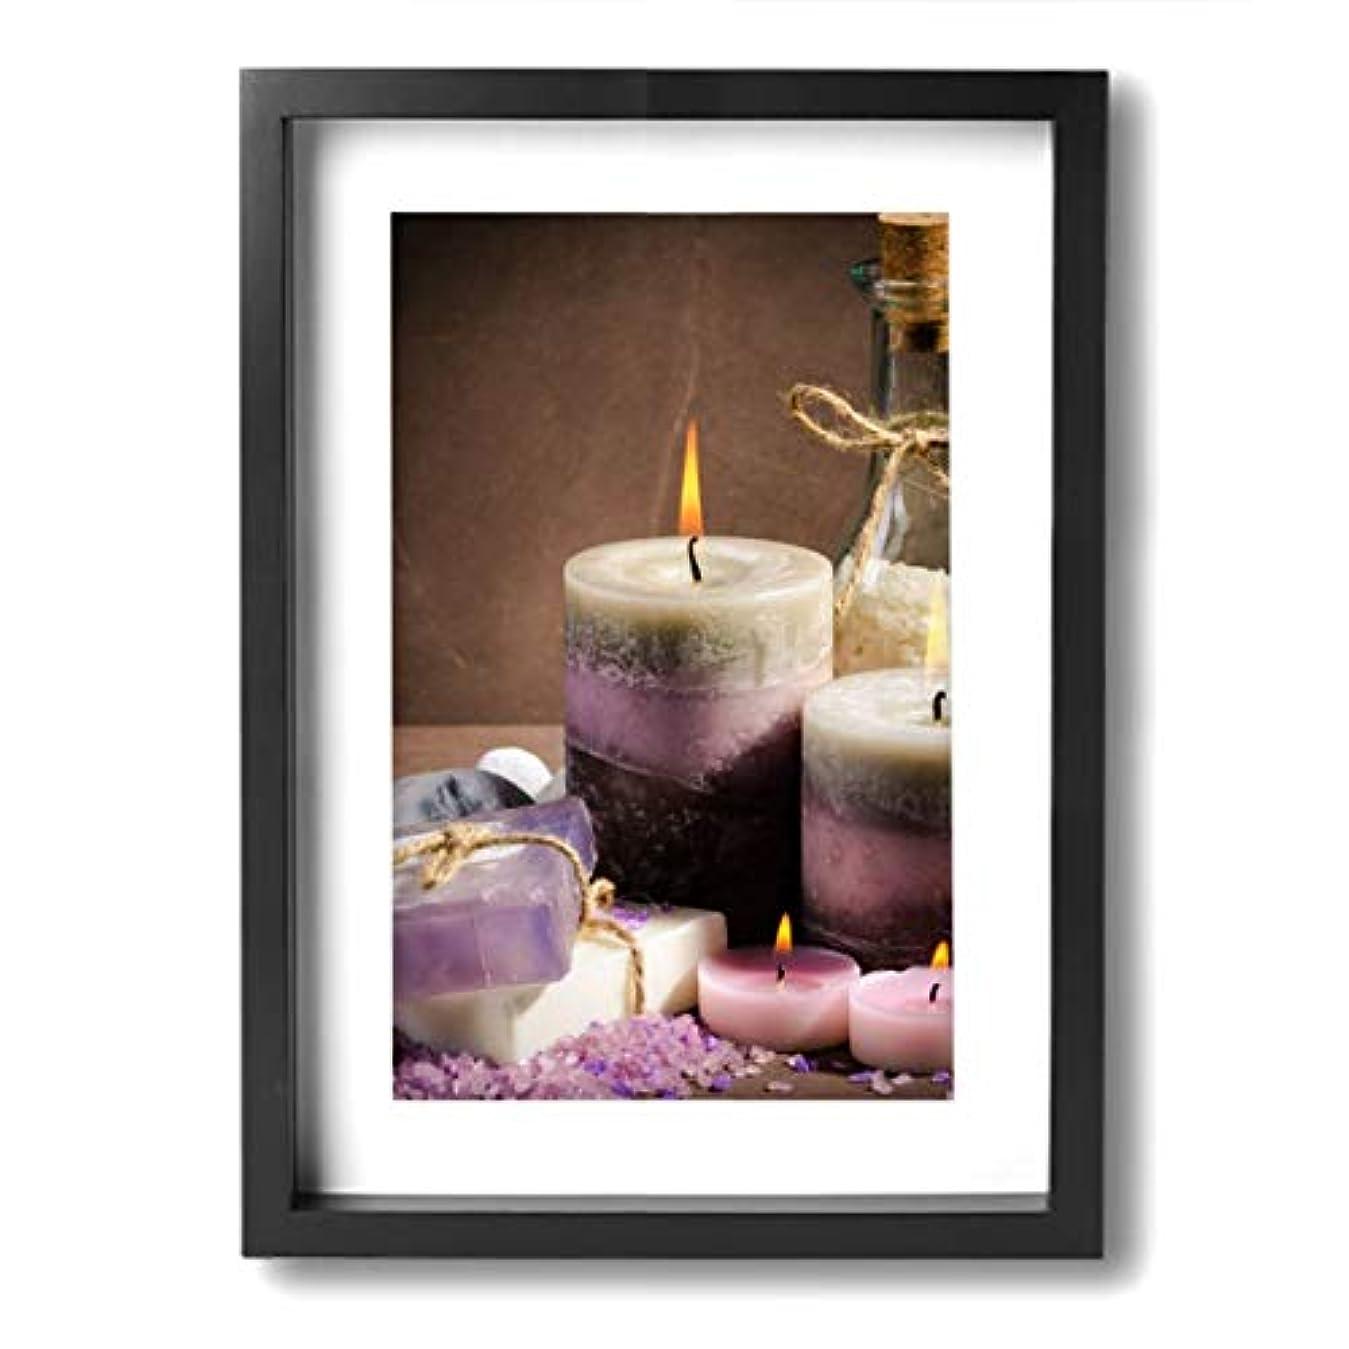 スキャンダラス珍味一貫性のない魅力的な芸術 20x30cm Spa Purple Color Candle Oil キャンバスの壁アート 画像プリント絵画リビングルームの壁の装飾と家の装飾のための現代アートワークハングする準備ができて